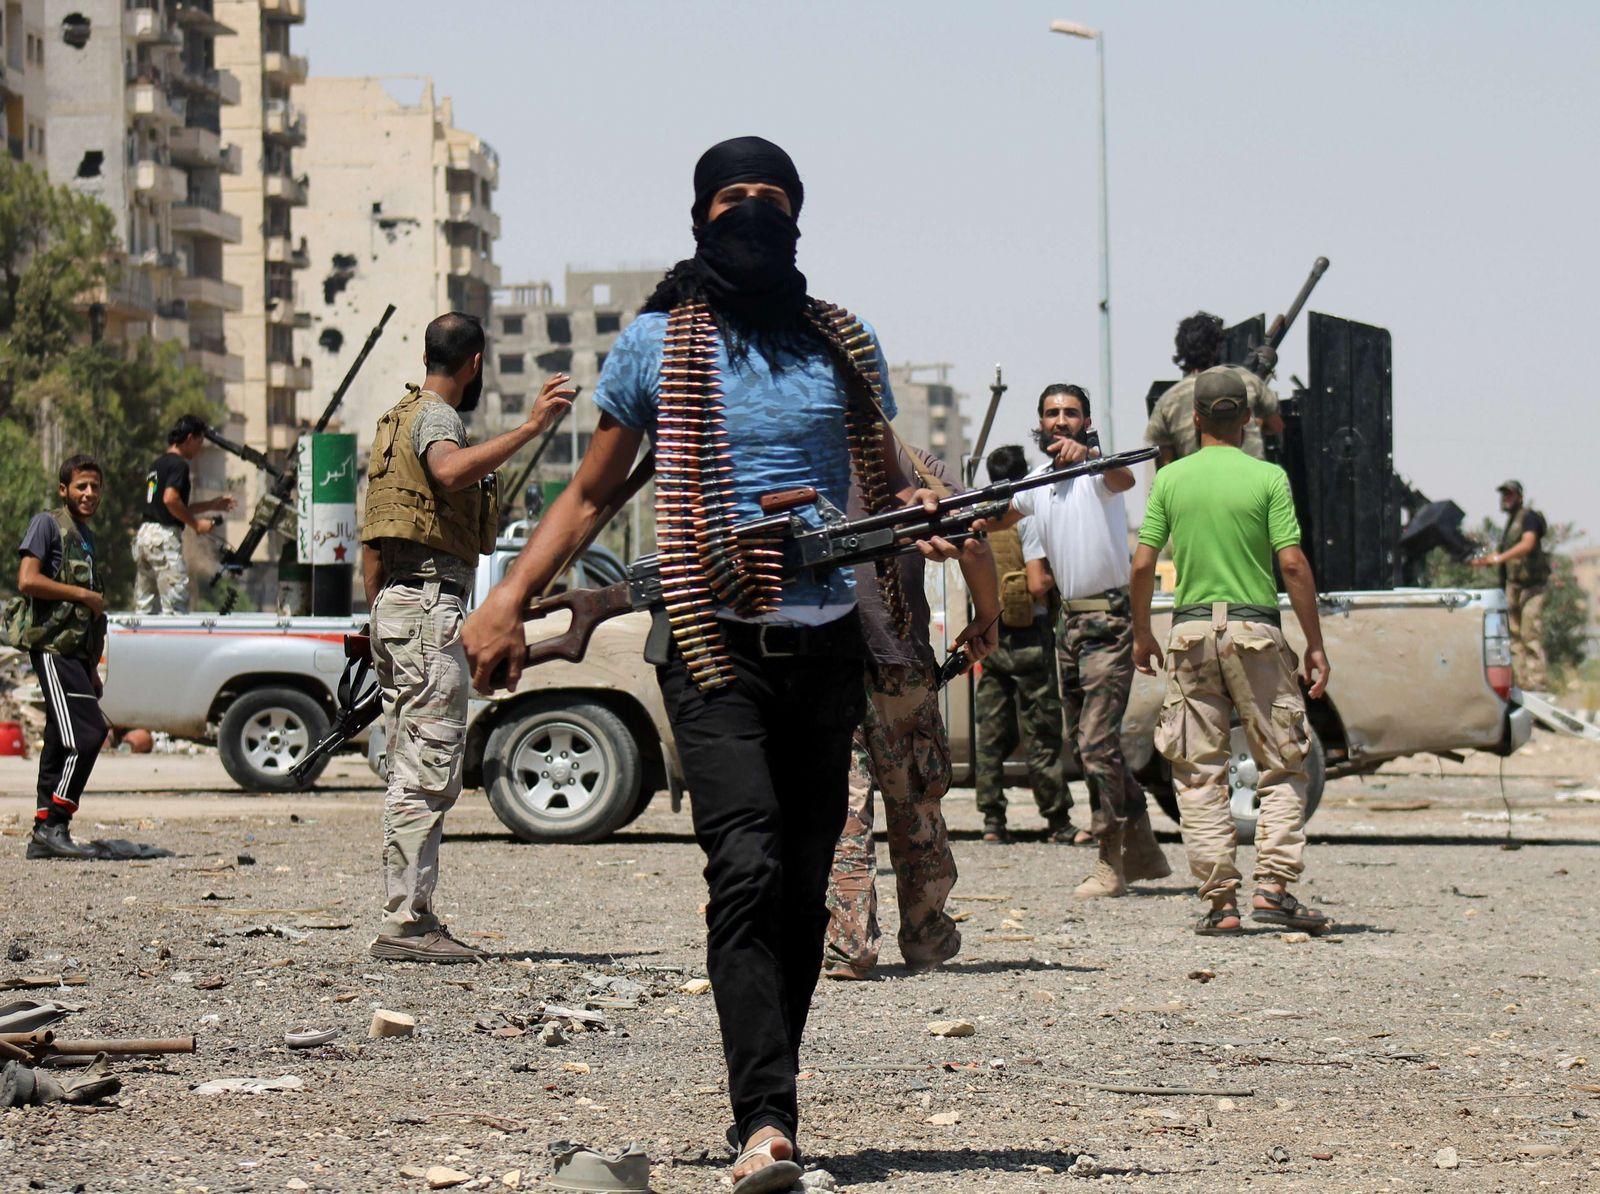 США продолжают грабить Сирию при помощи террористов: экс-боевики ИГ отсиживаются на военных базах